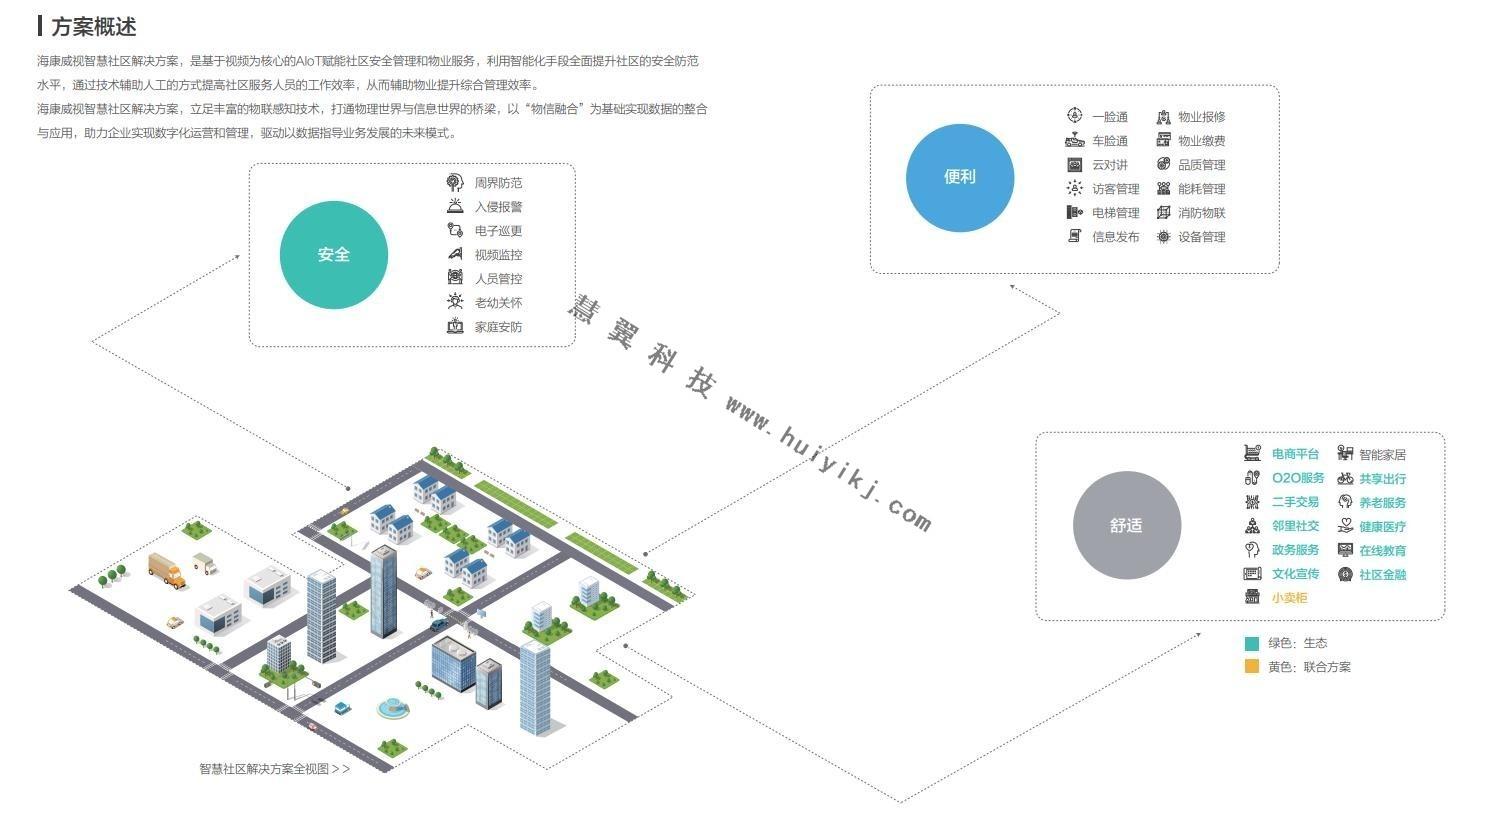 海康威视智慧建筑解决方案